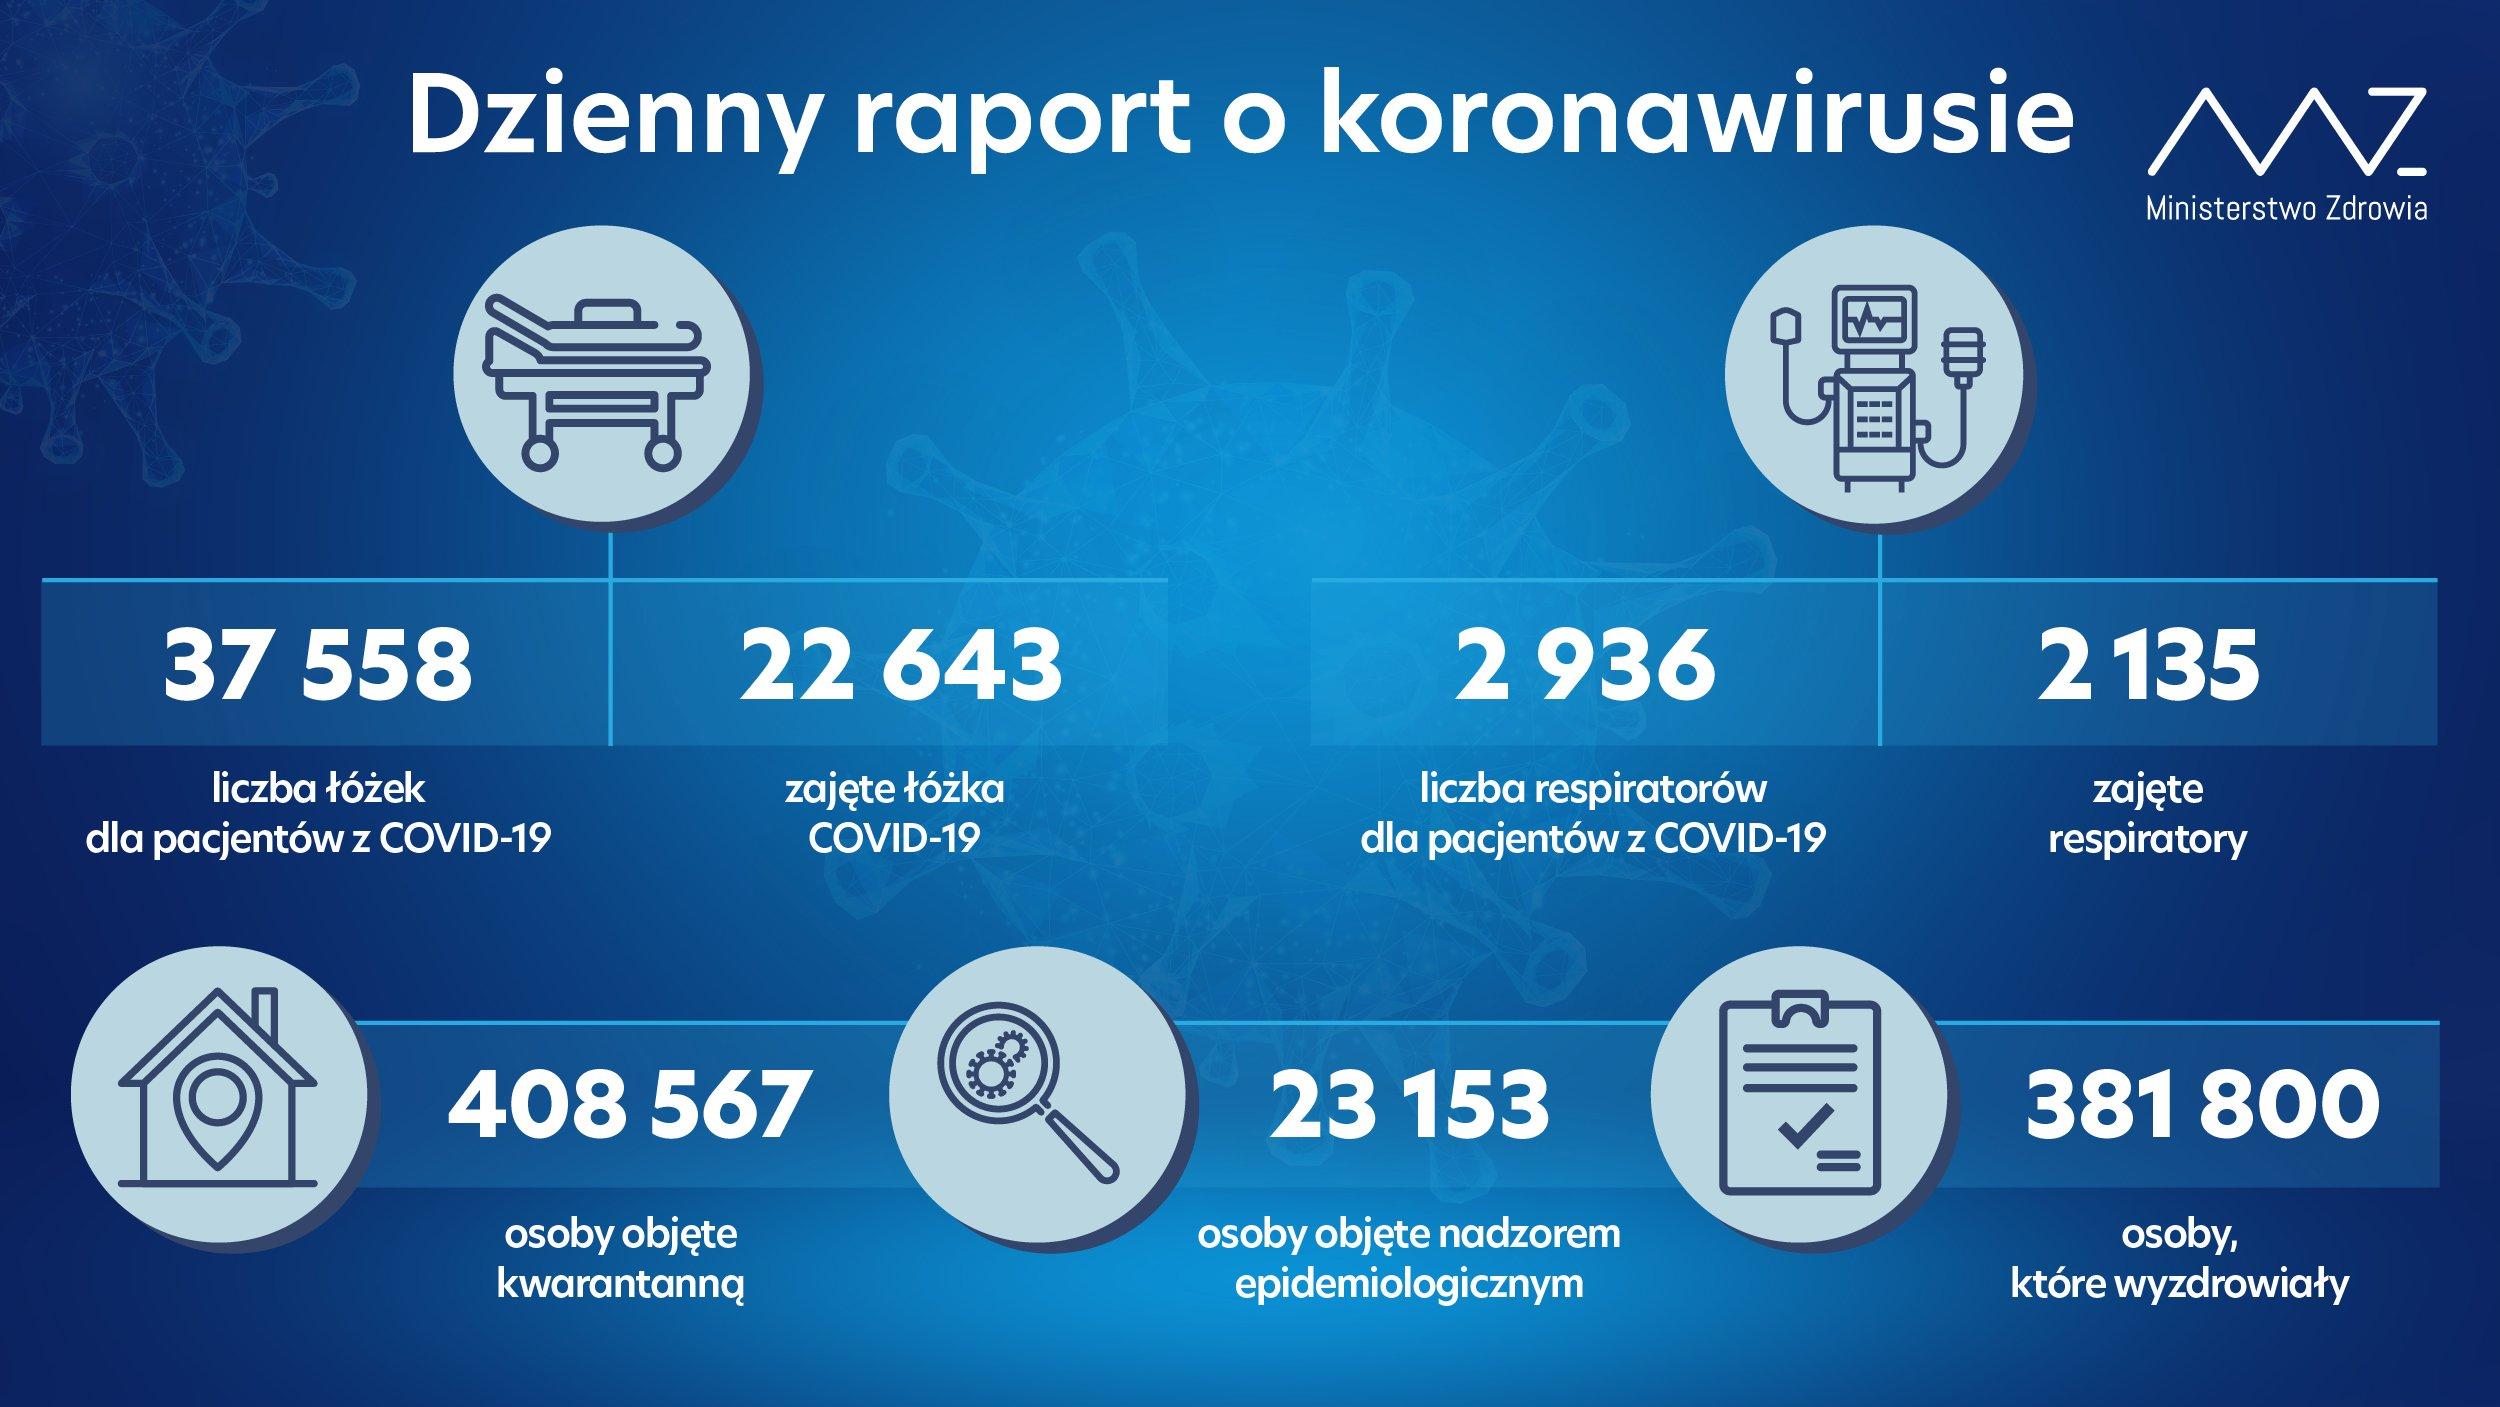 - liczba łóżek dla pacjentów z COVID-19: 37 558 - liczba łóżek zajętych: 22 643 - liczba respiratorów dla pacjentów z COVID-19: 2 936 - liczba zajętych respiratorów: 2 135 - liczba osób objętych kwarantanną: 408 567  - liczba osób objętych nadzorem sanitarno-epidemiologicznym: 23 153 - liczba osób, które wyzdrowiały: 381 800